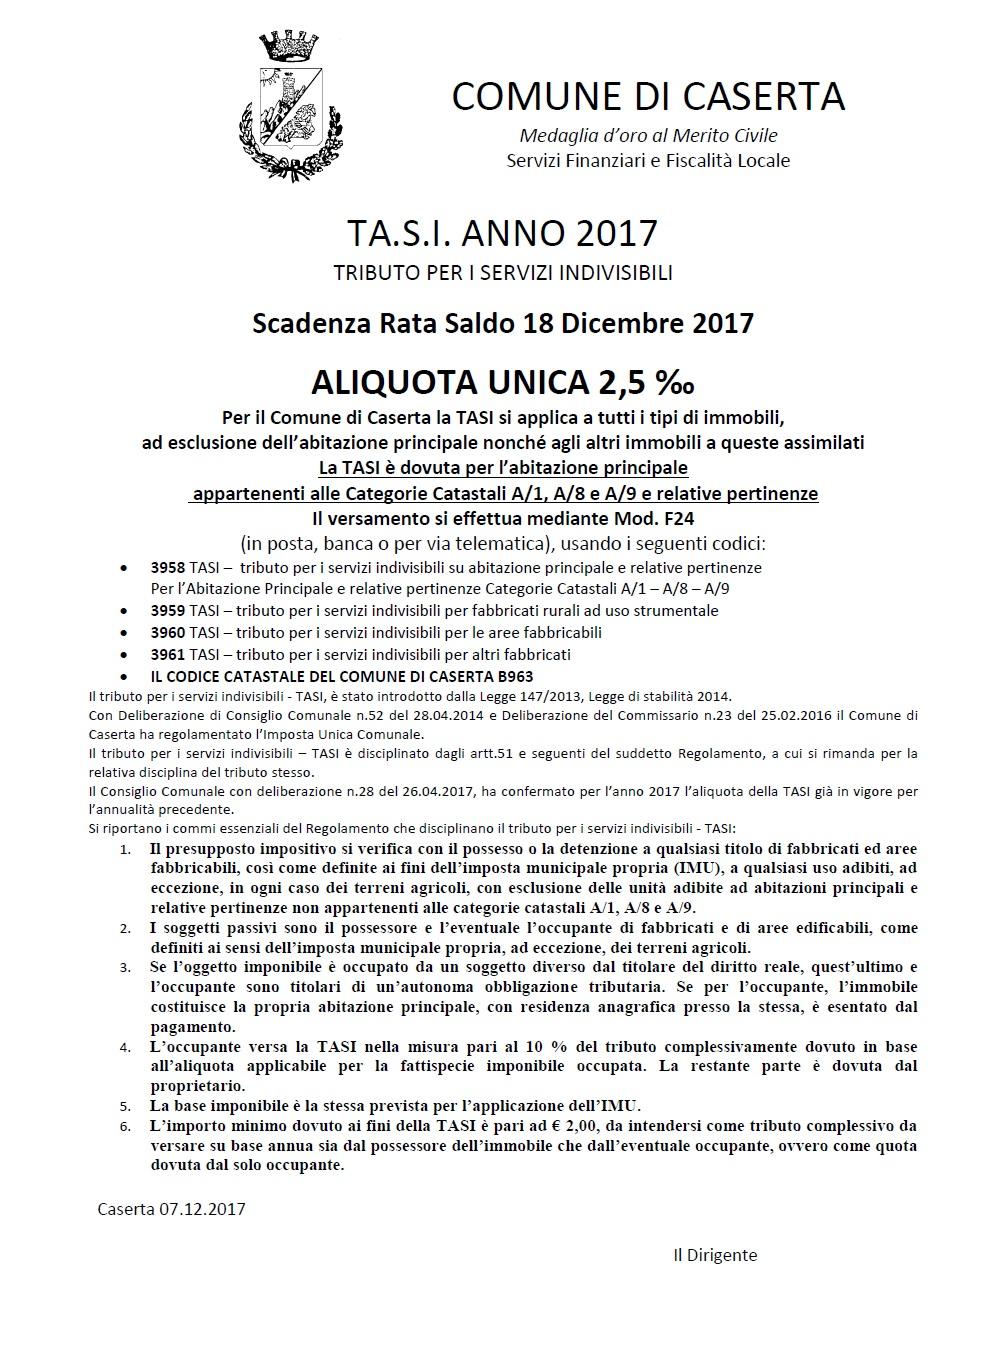 Avviso tasi scadenza saldo il 18 dicembre comune di caserta for Deposito bilancio 2017 scadenza